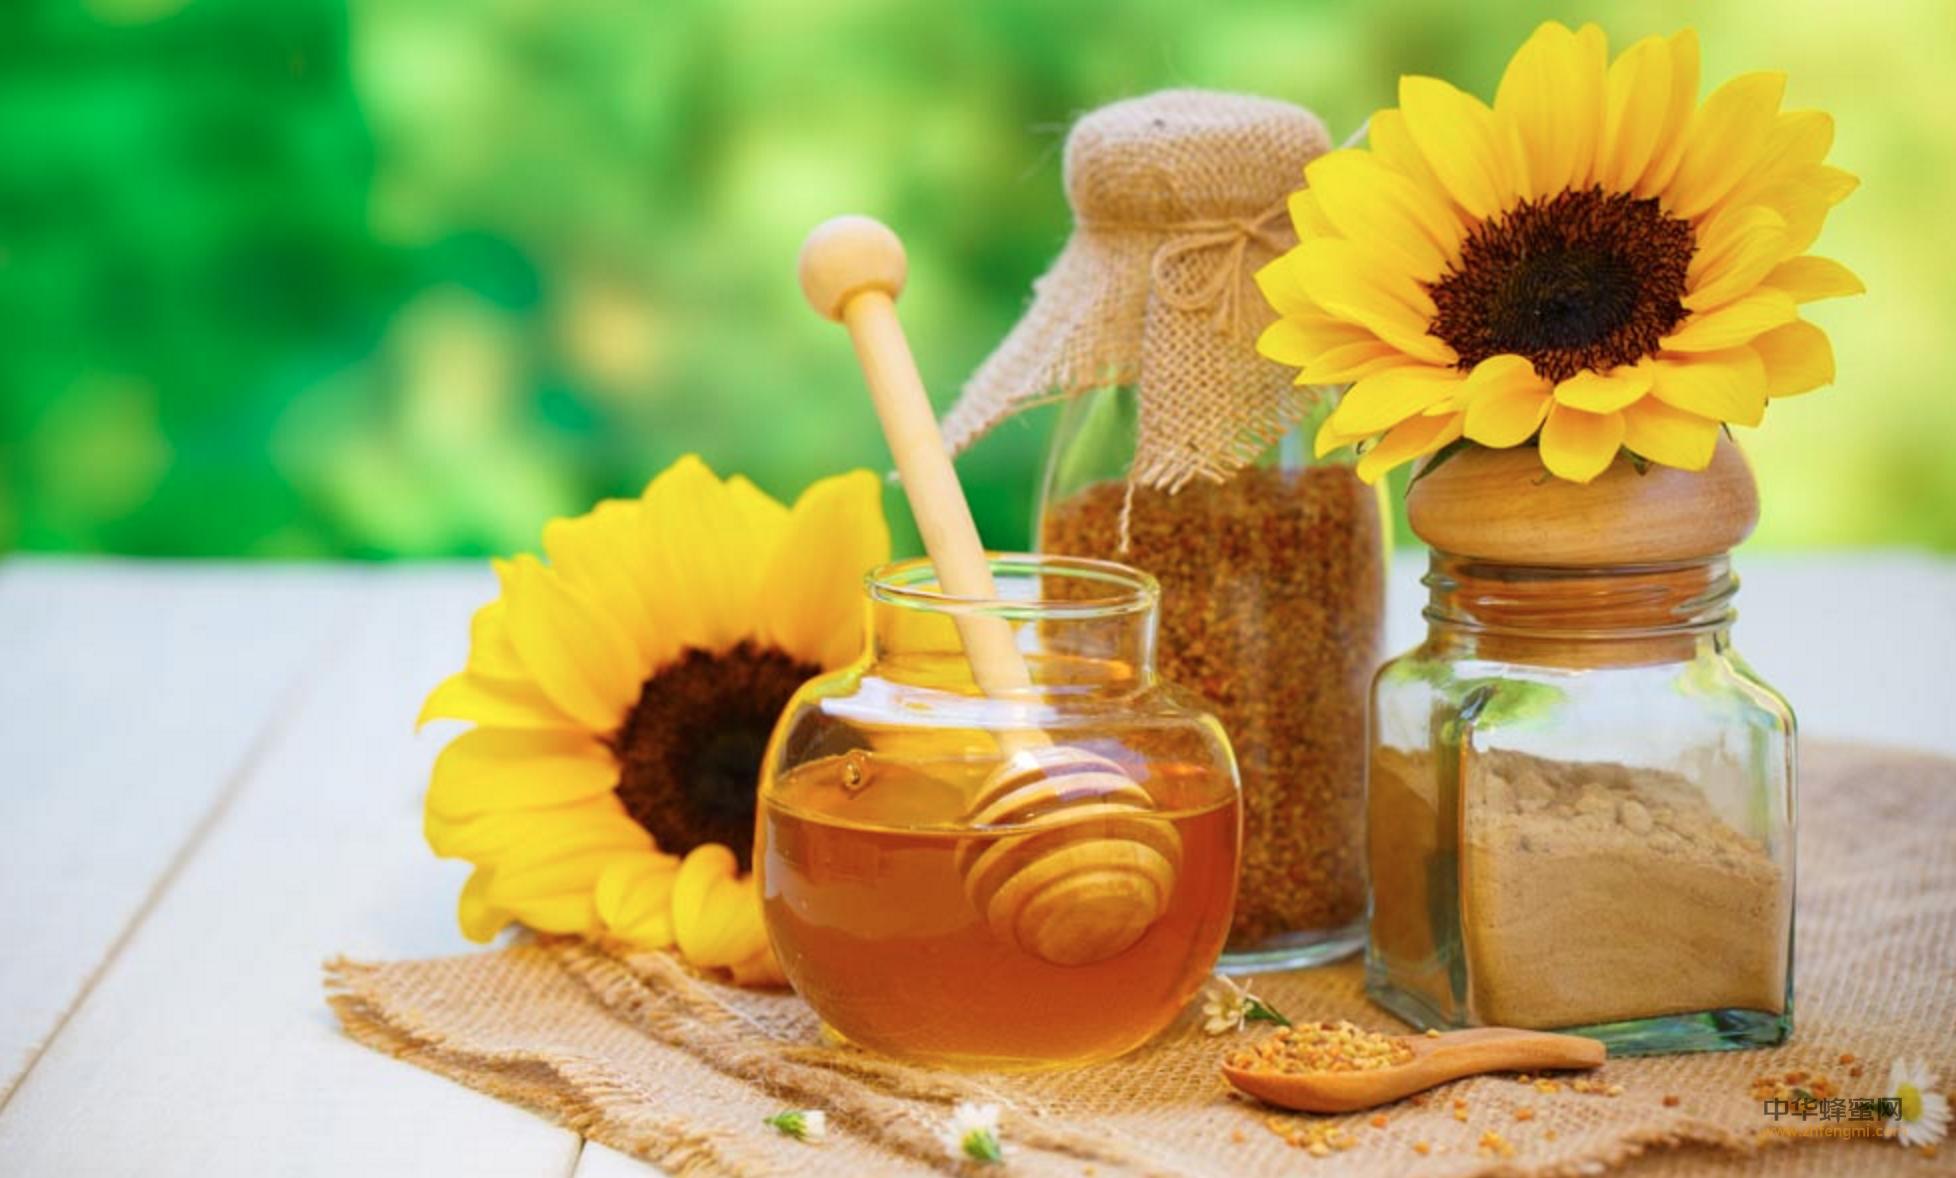 蜂蜜 禁忌 好处 蜂蜜水